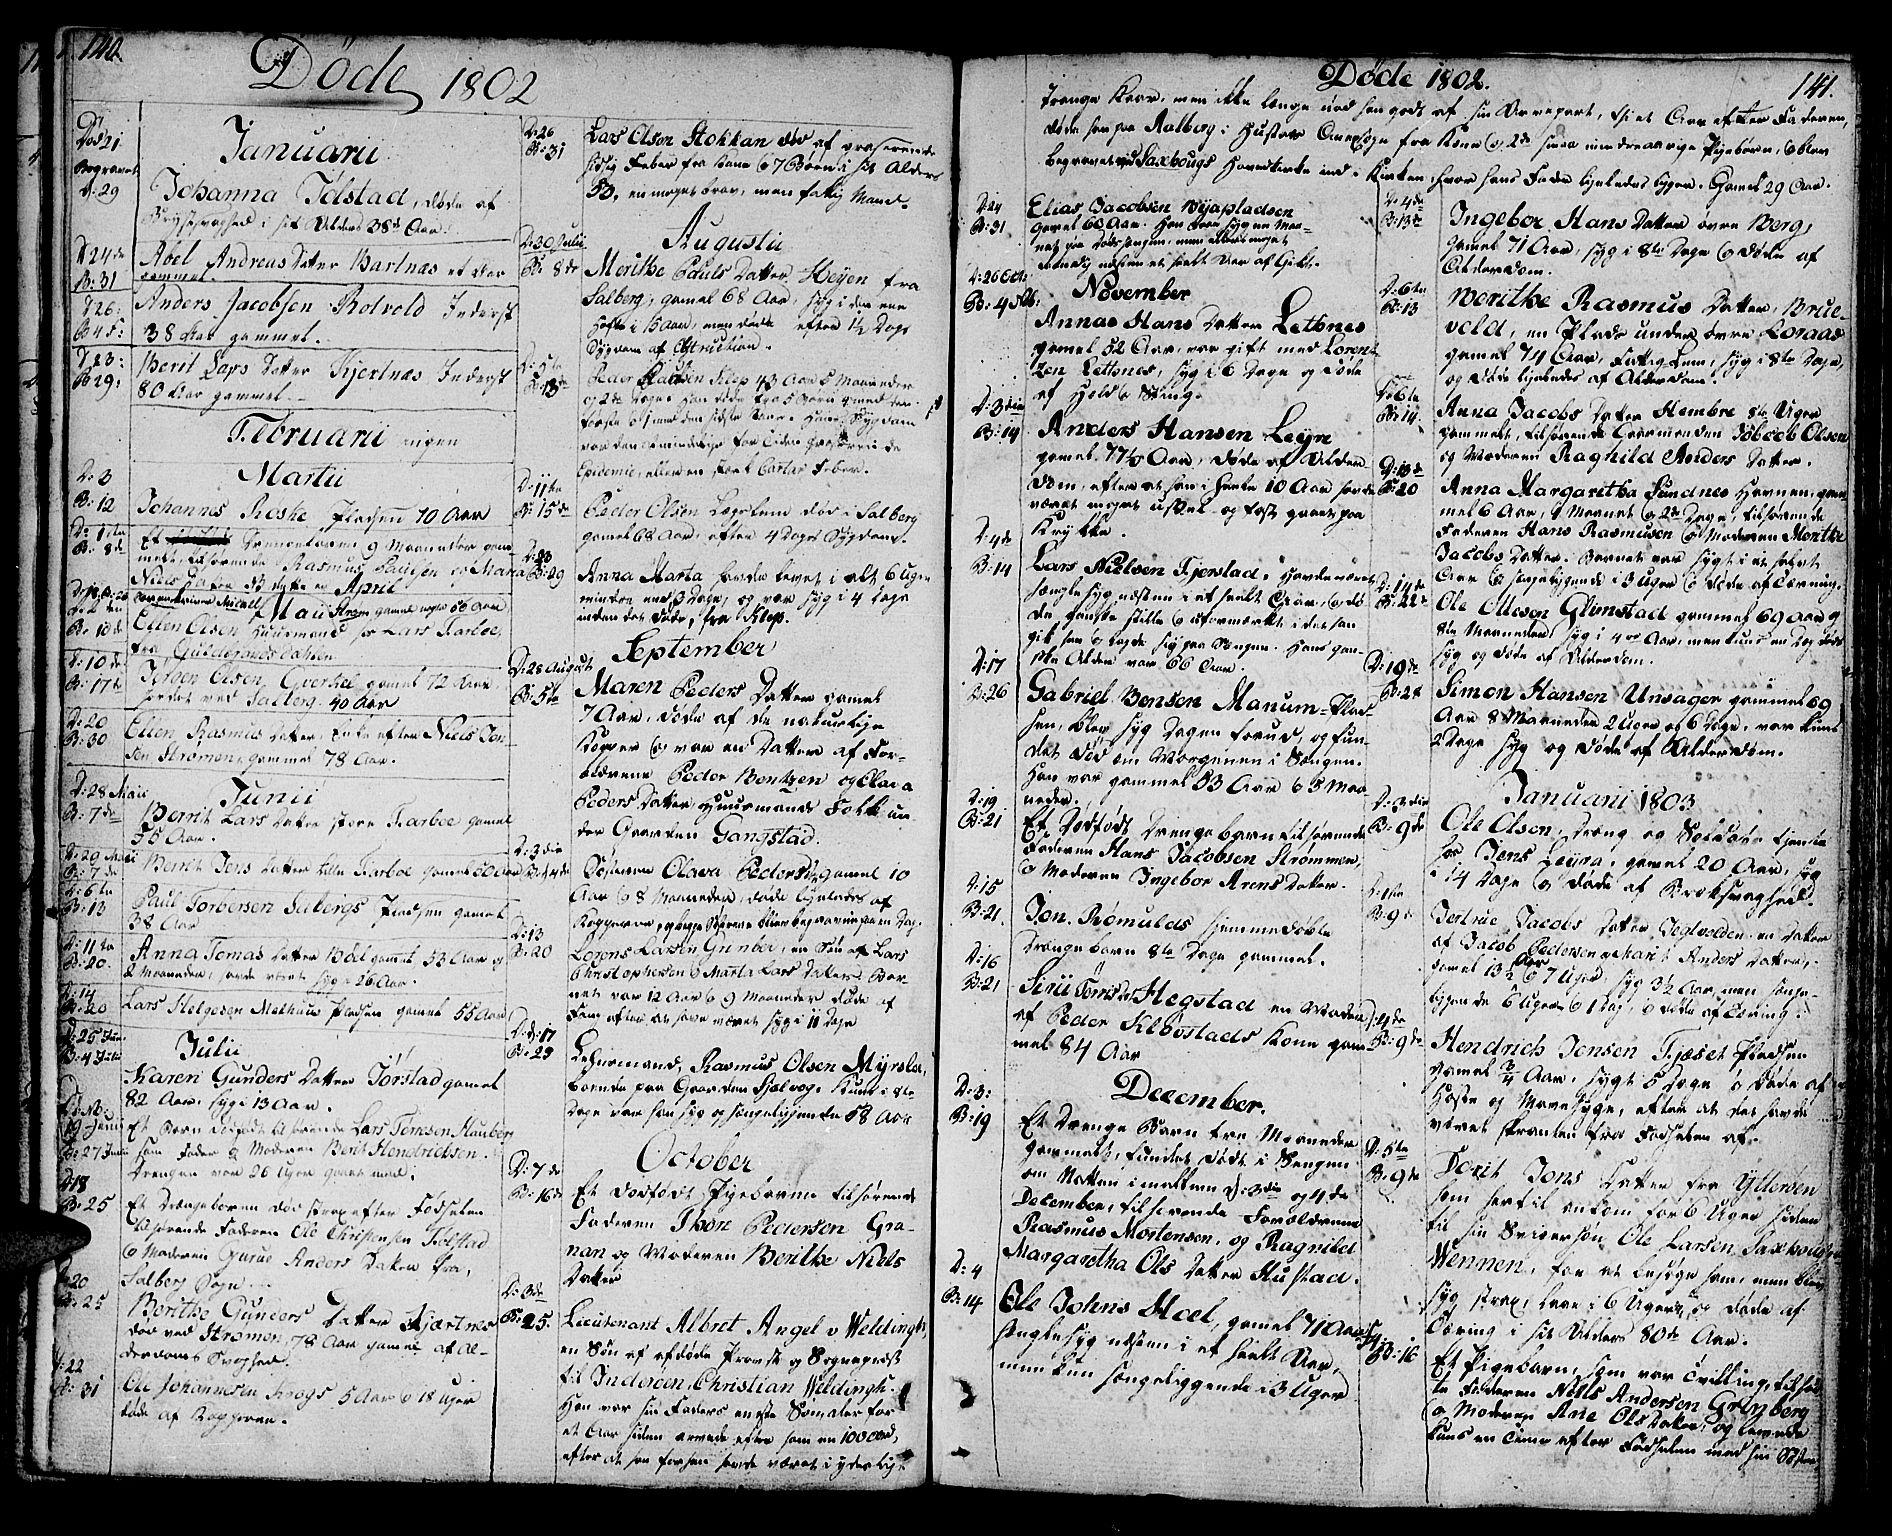 SAT, Ministerialprotokoller, klokkerbøker og fødselsregistre - Nord-Trøndelag, 730/L0274: Parish register (official) no. 730A03, 1802-1816, p. 140-141